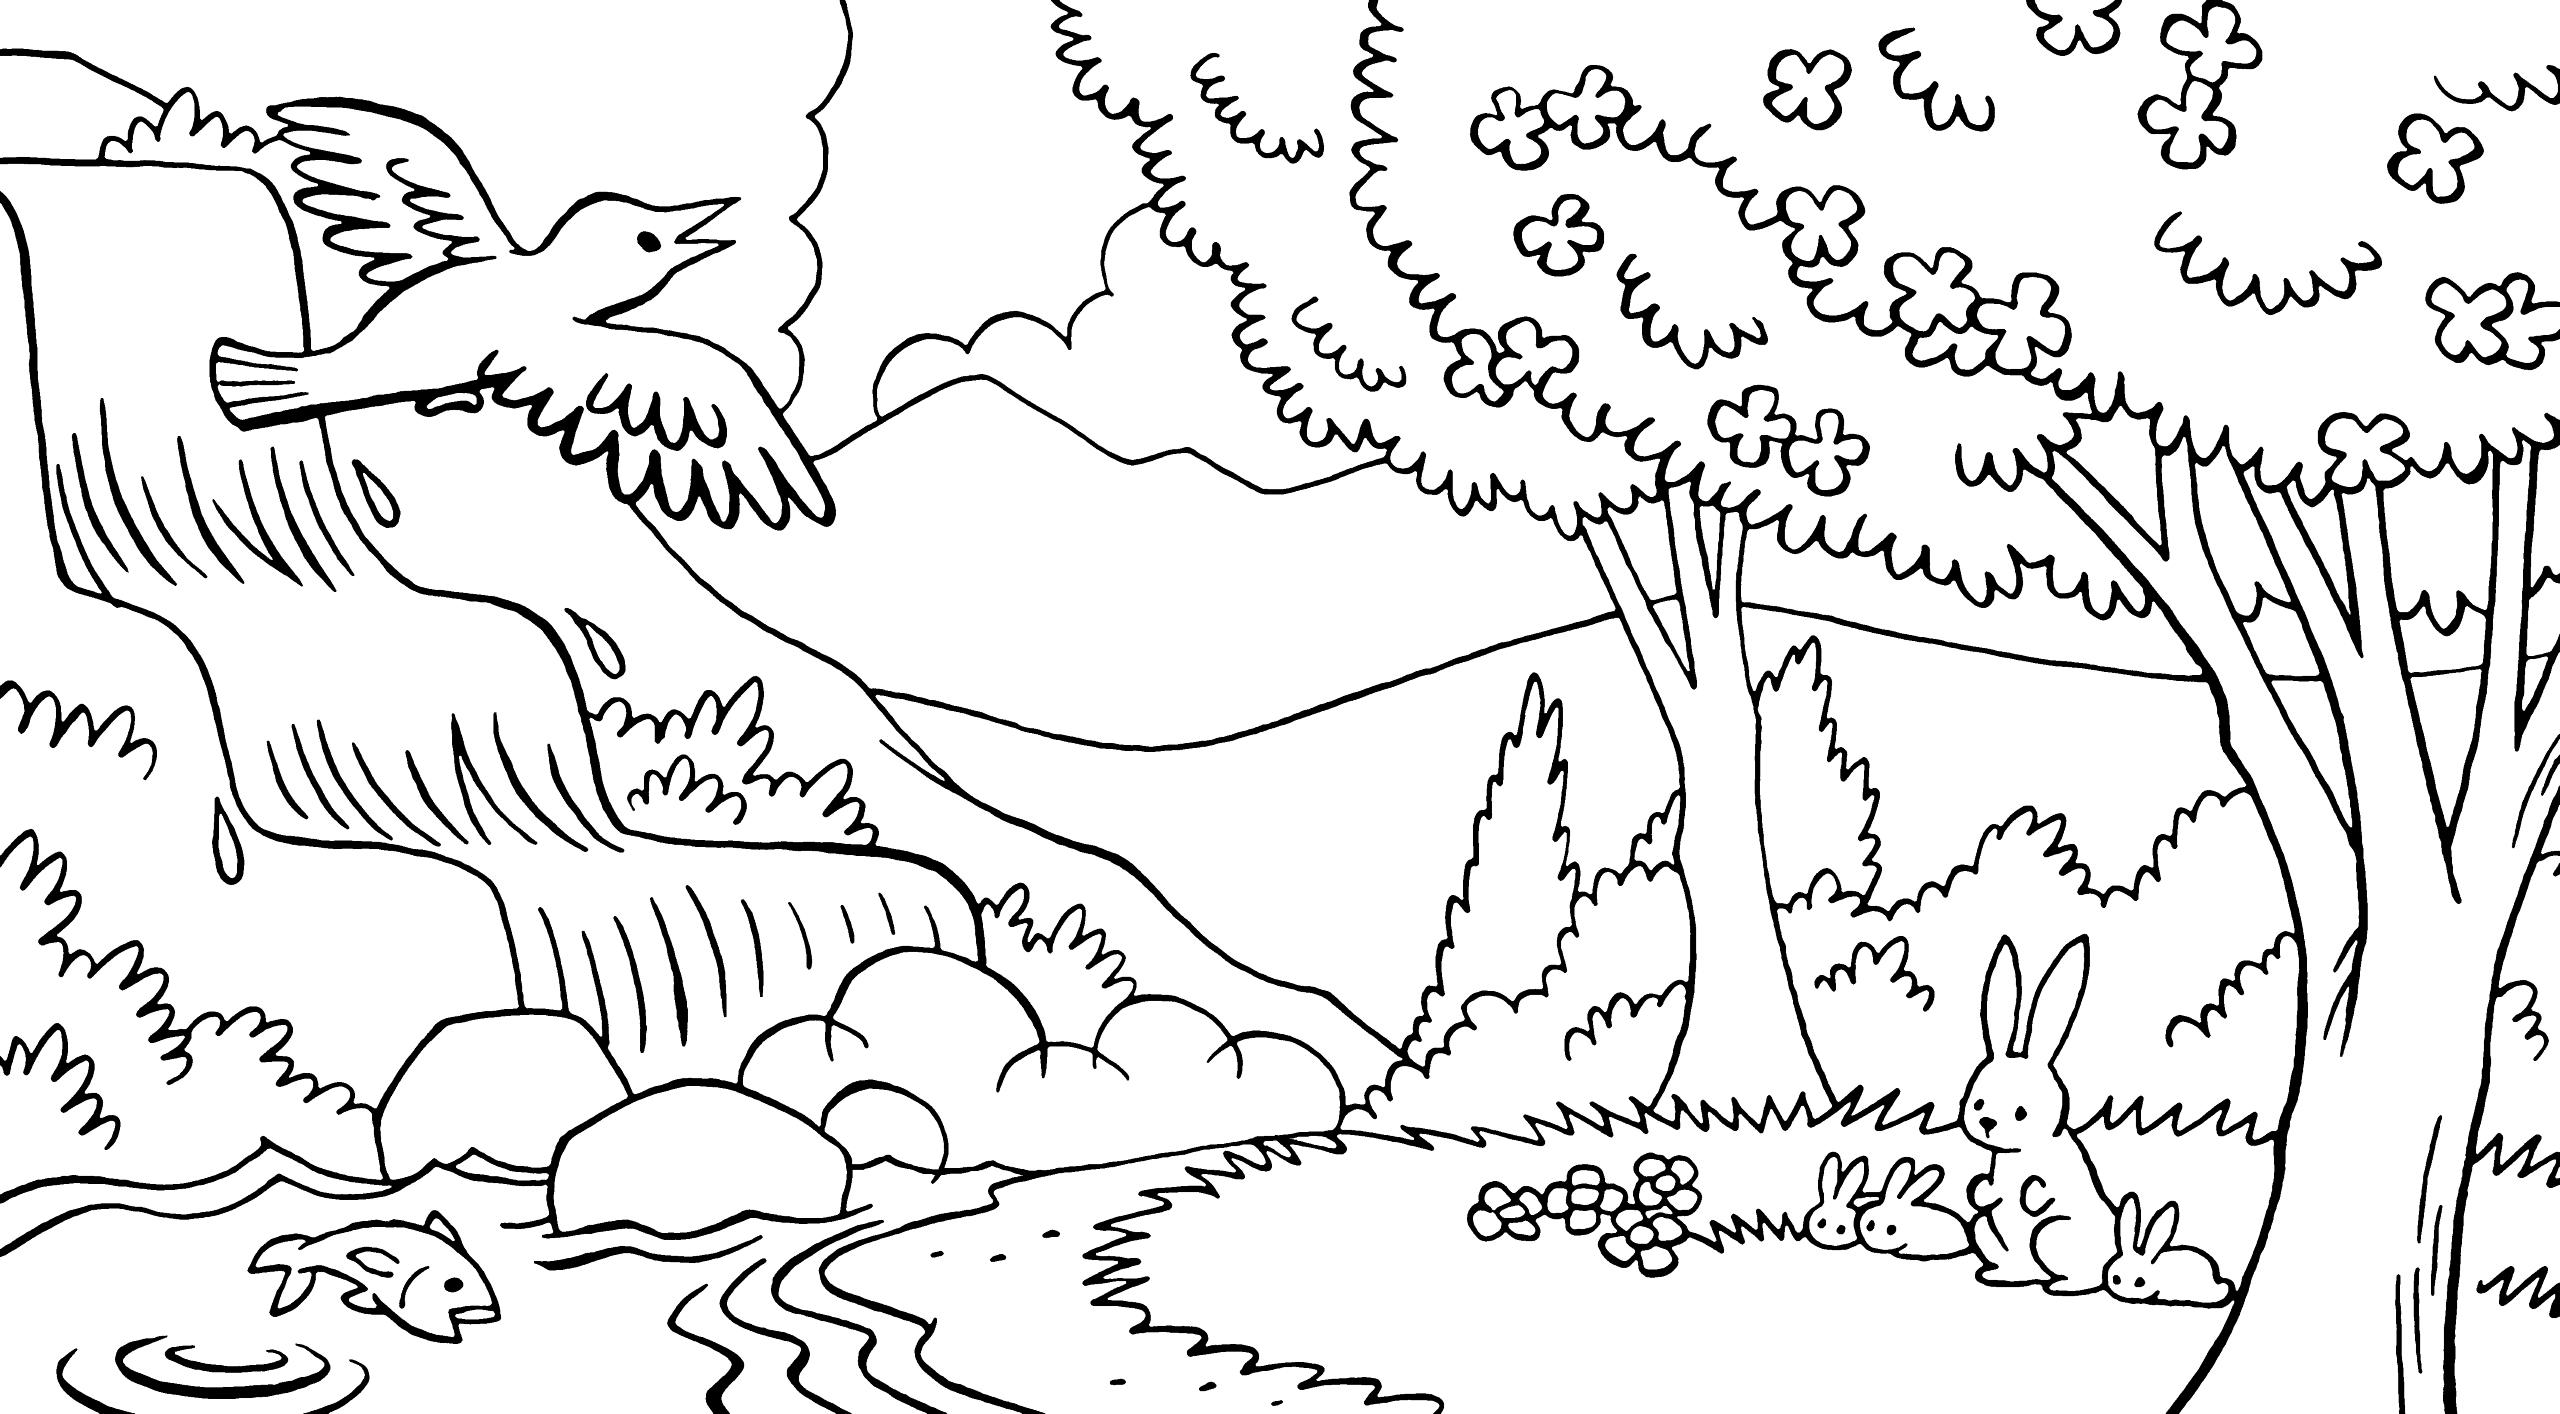 На этой странице вы найдете раскраски для детей лето, которые абсолютно бесплатно вы сможете скачать и